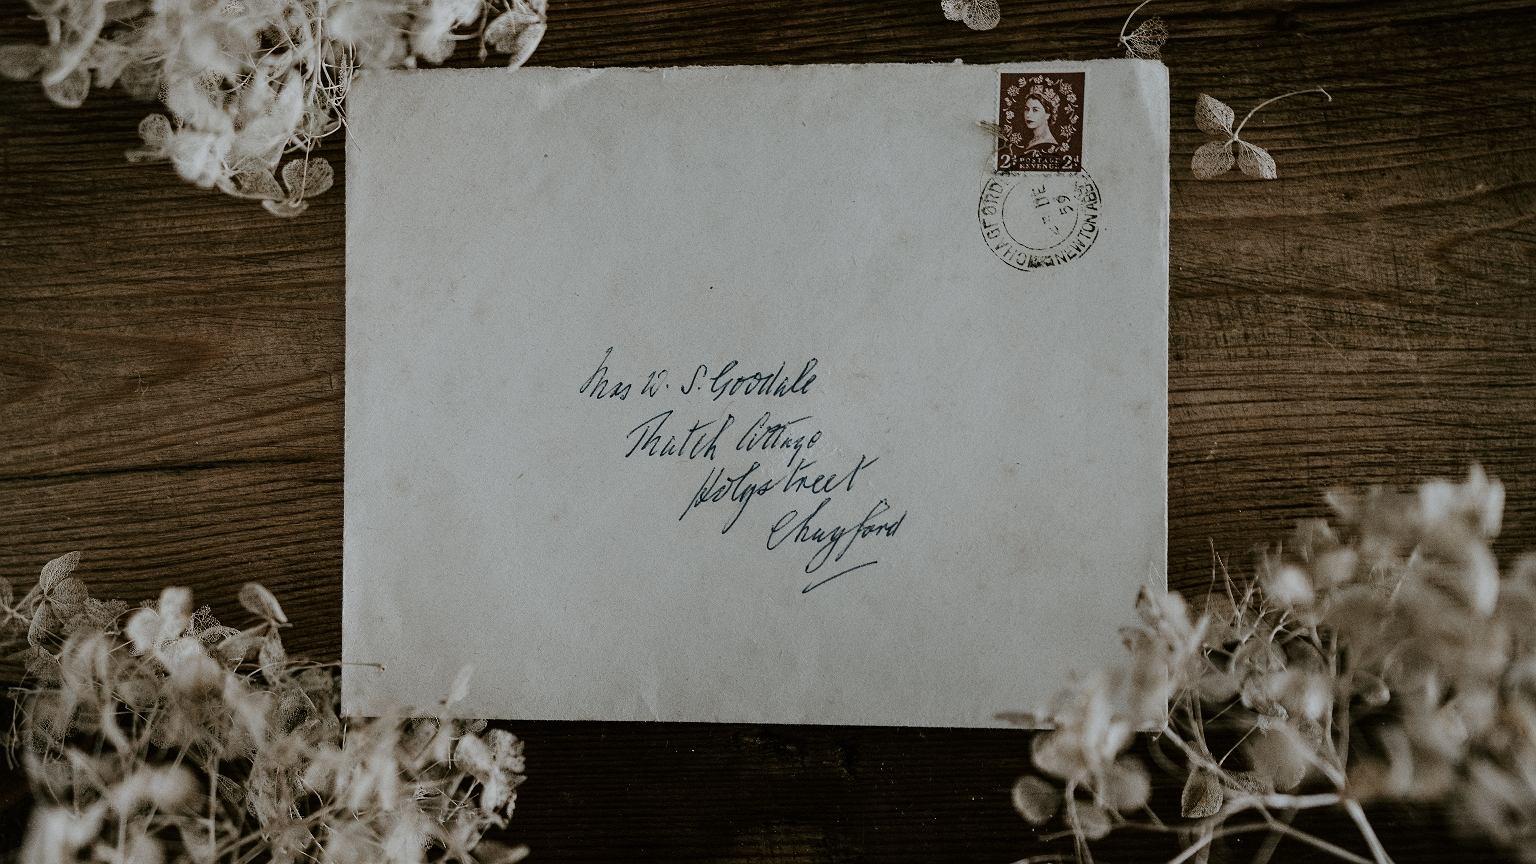 Zwyczaj pisania listów powoli zanika